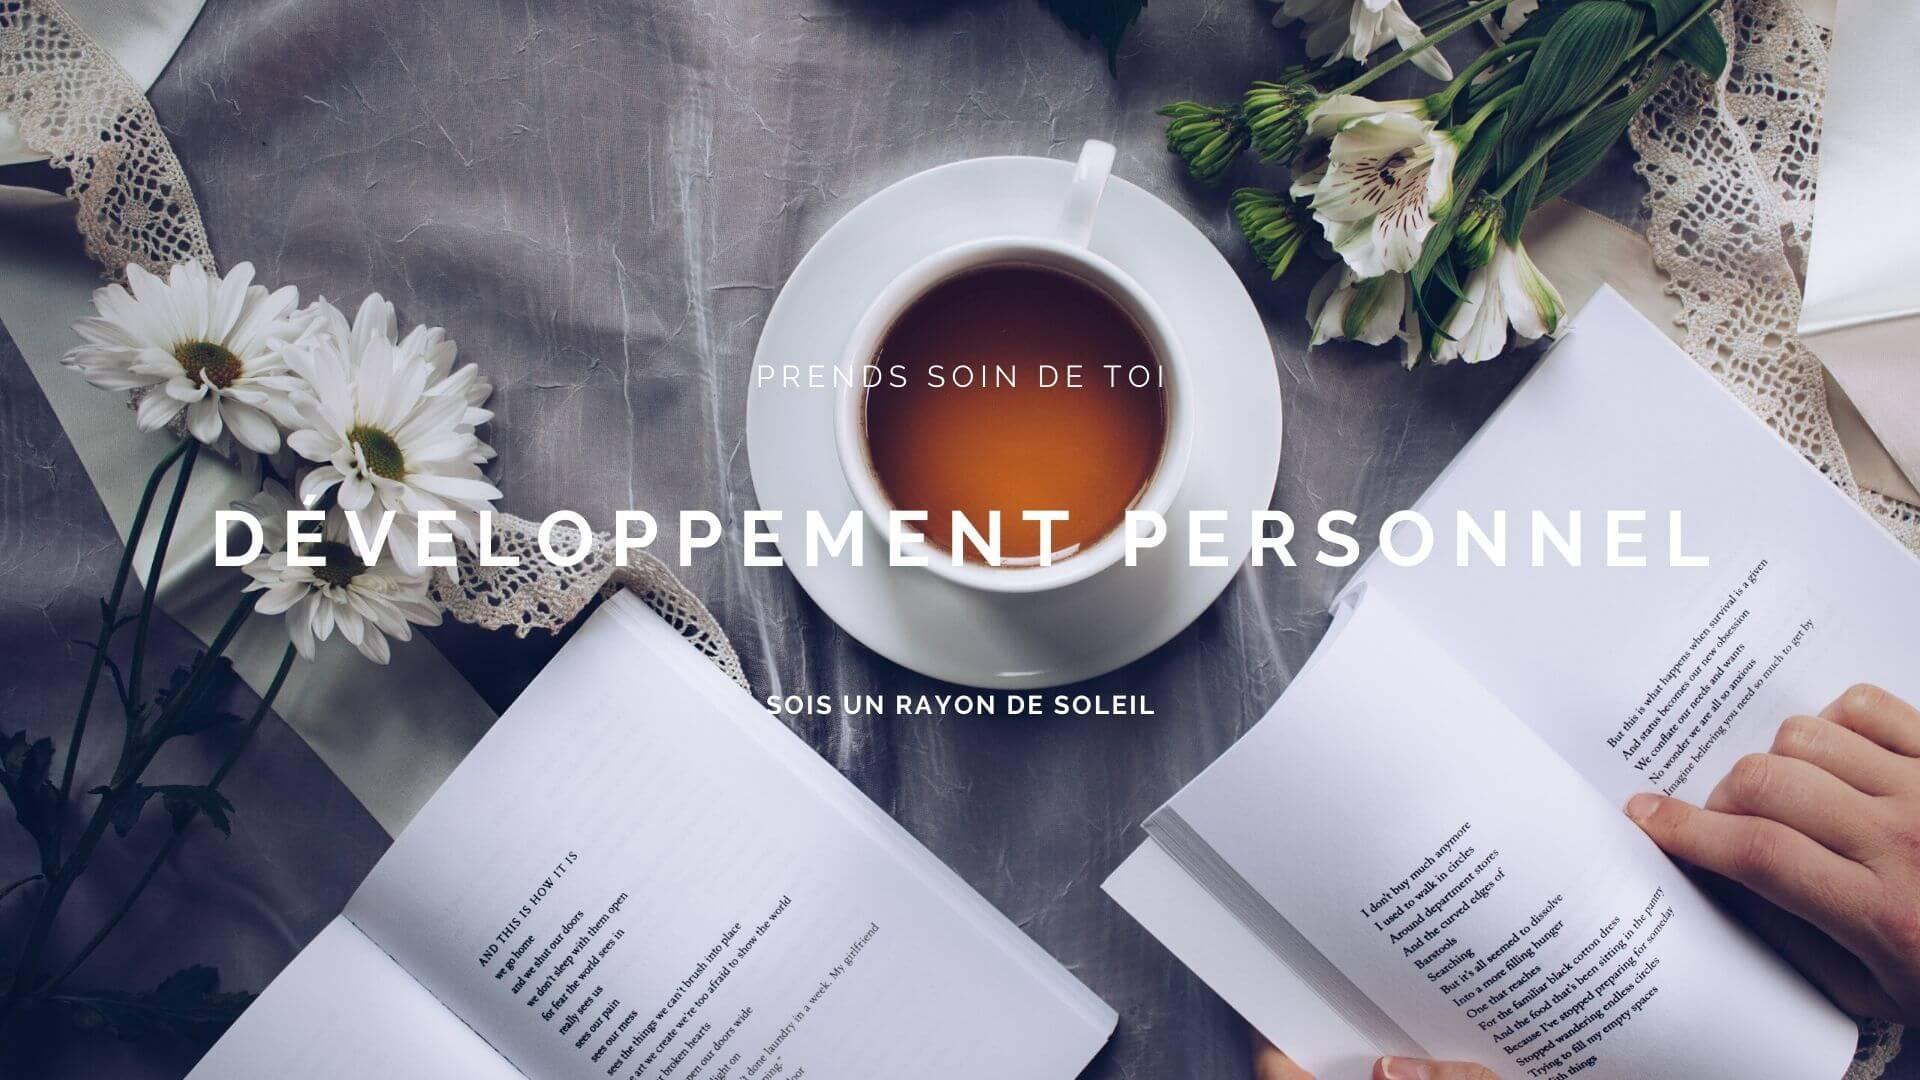 développement personnel : contenu cornerstone de jujube happy pour gérer tes émotions, relations aux autres et être plus heureuse grâce au développement personnel ¨